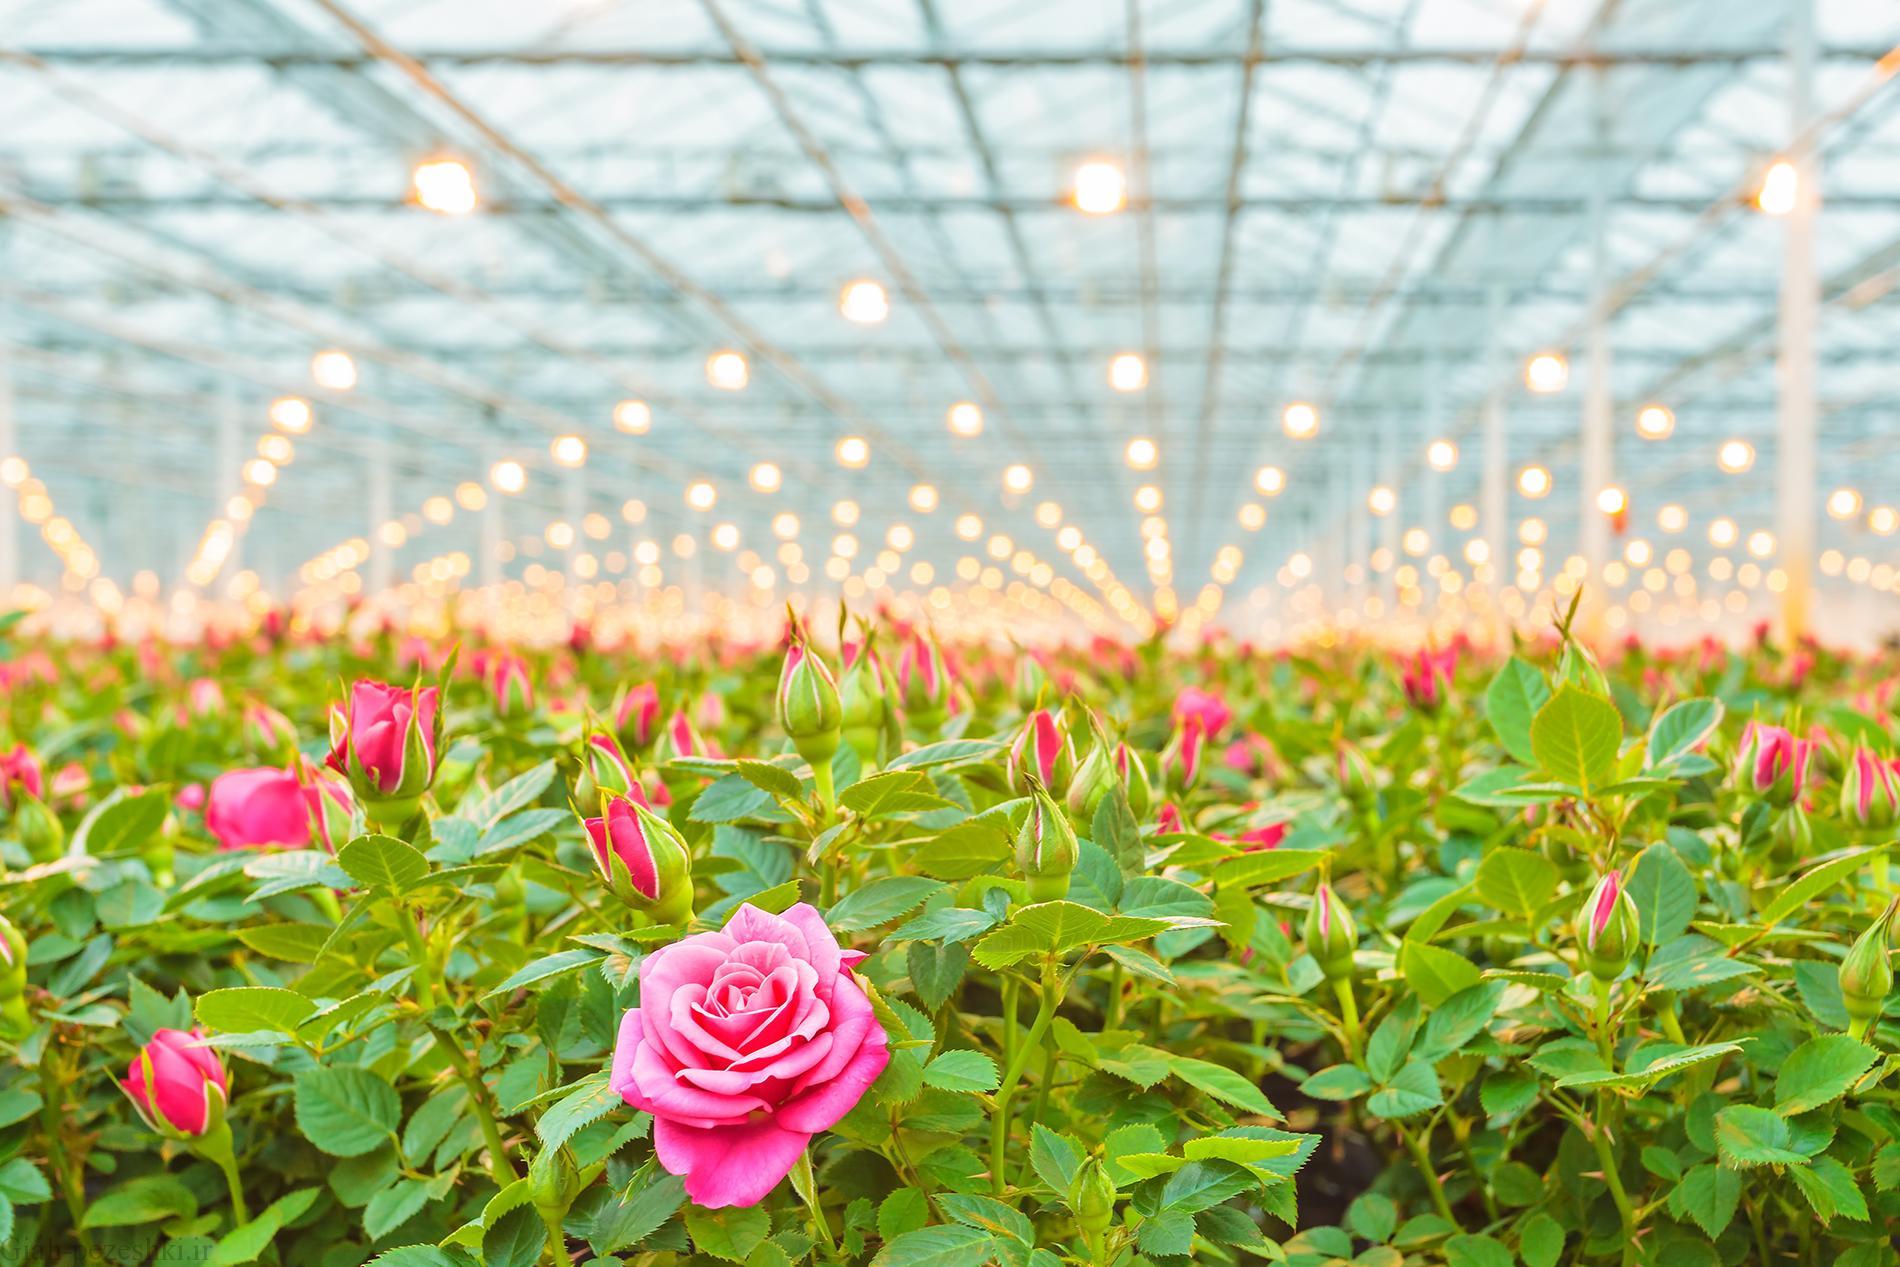 پرورش و نگهداری گل رز در تزئین فضای باز